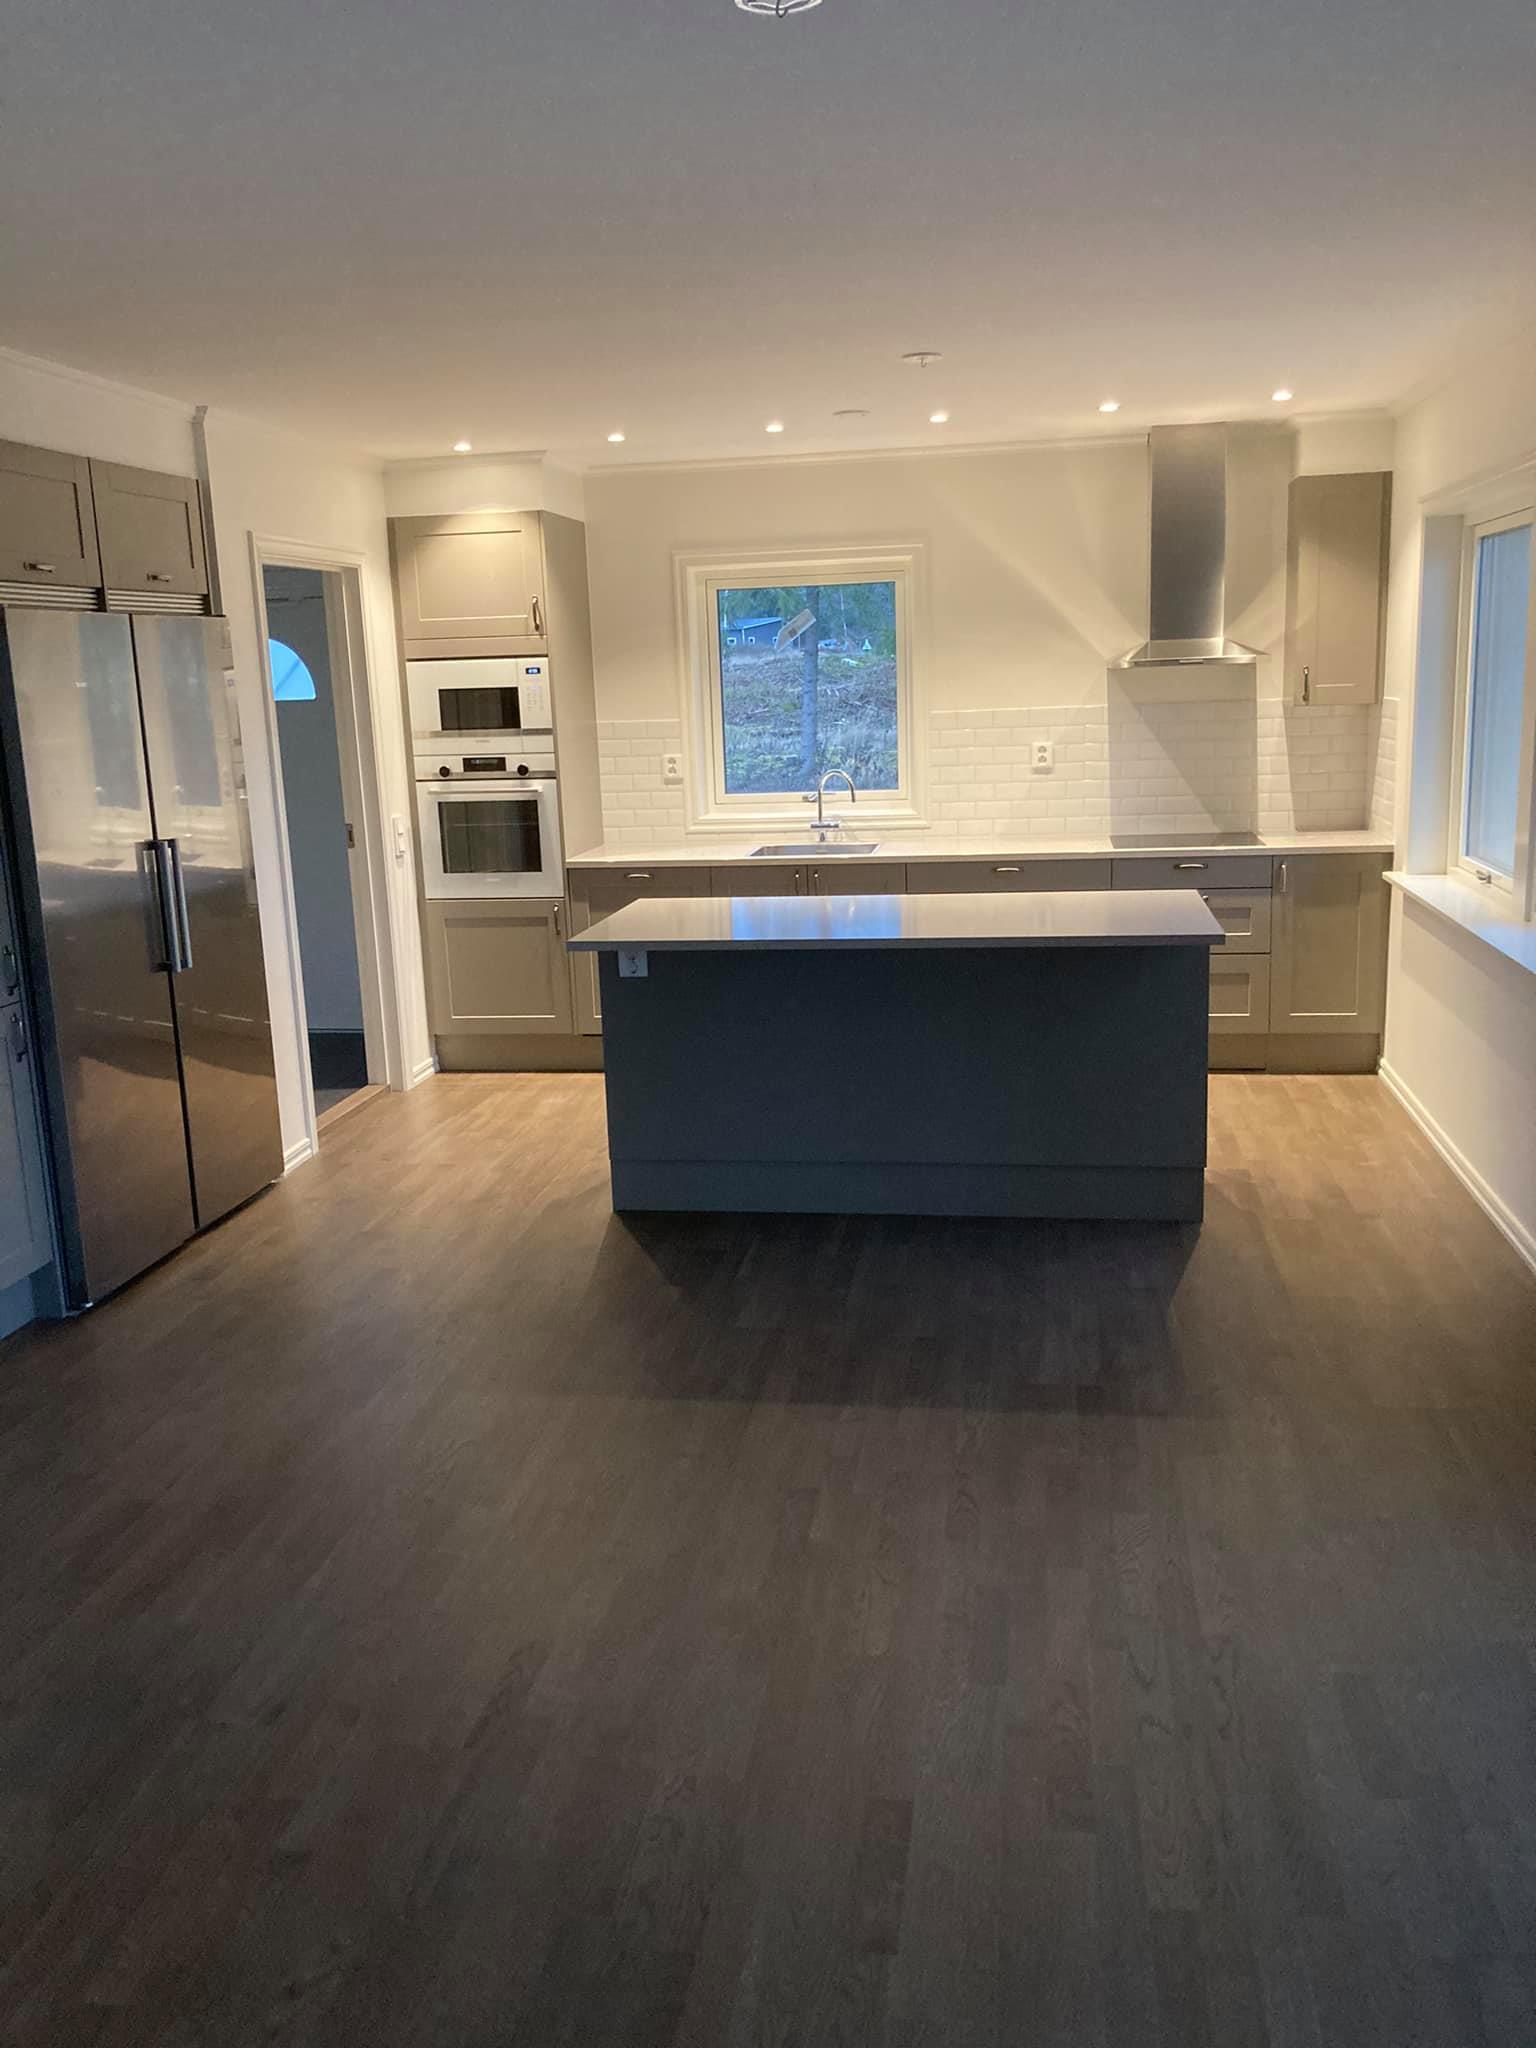 Snyggt kök nymonterat 2020 av HW-Bygg.